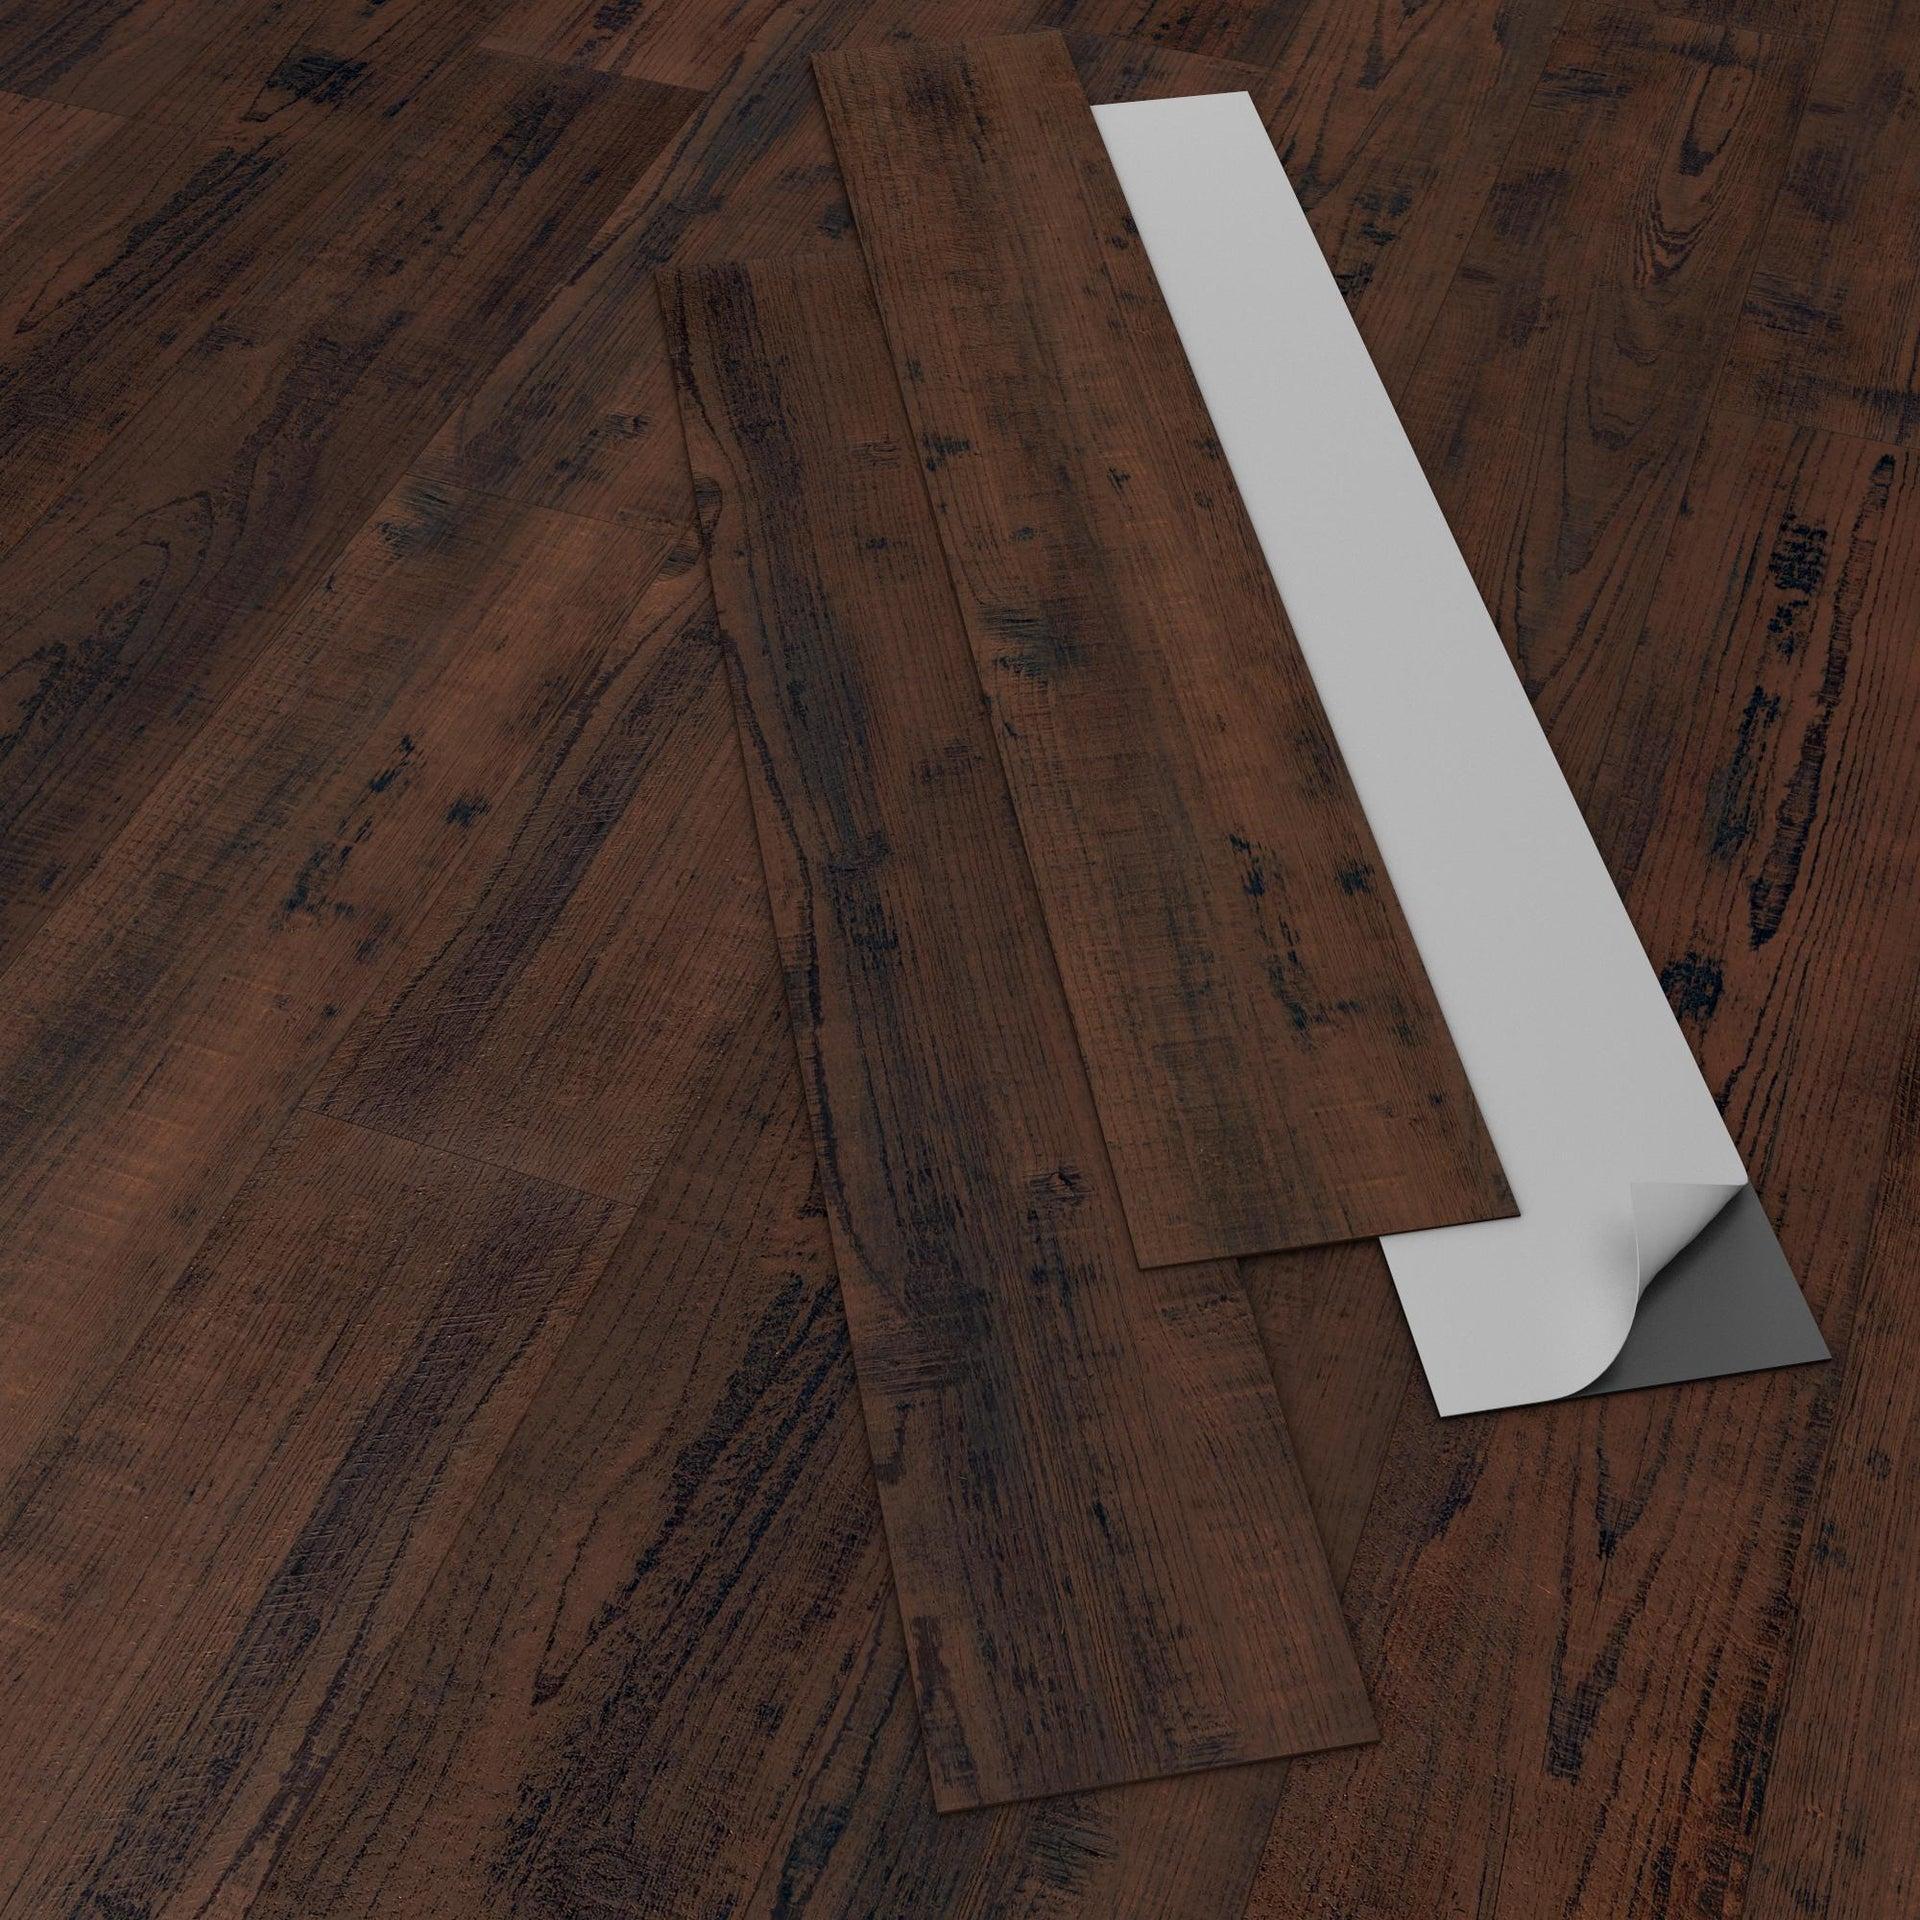 Pavimento PVC adesivo Tobacco Sp 2 mm marrone - 4